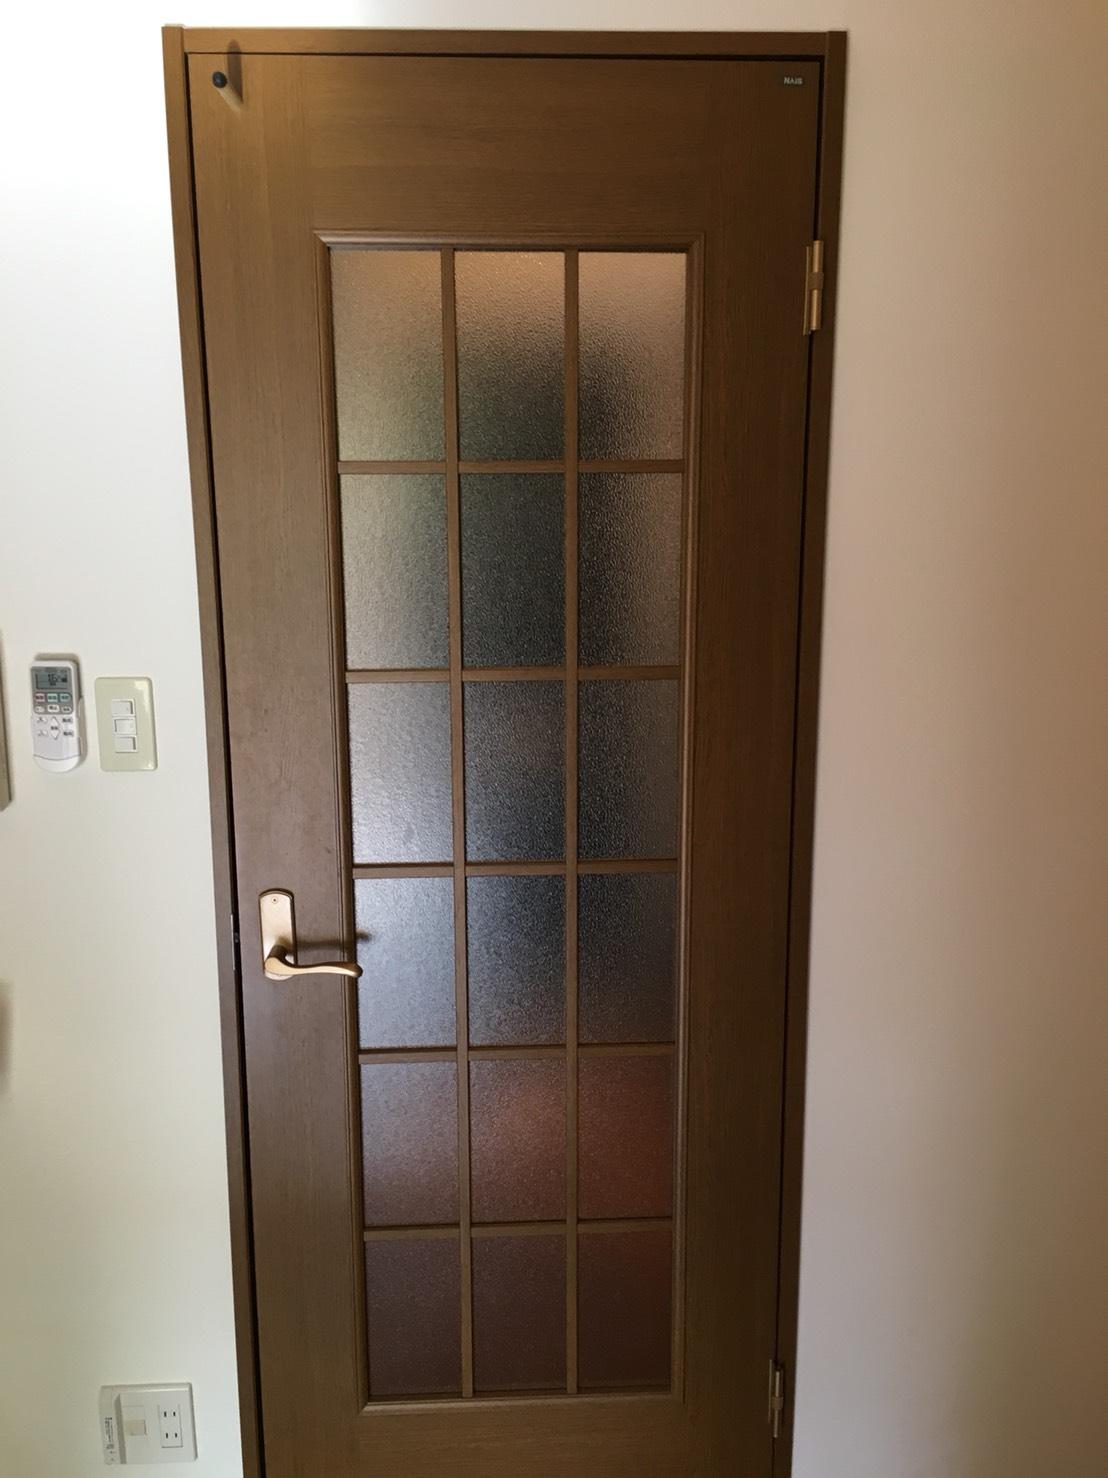 室内ドアのお手入れ・ドアガラスや取っ手部分も綺麗に!一戸建て・マンション・マンション空き室おまかせください!